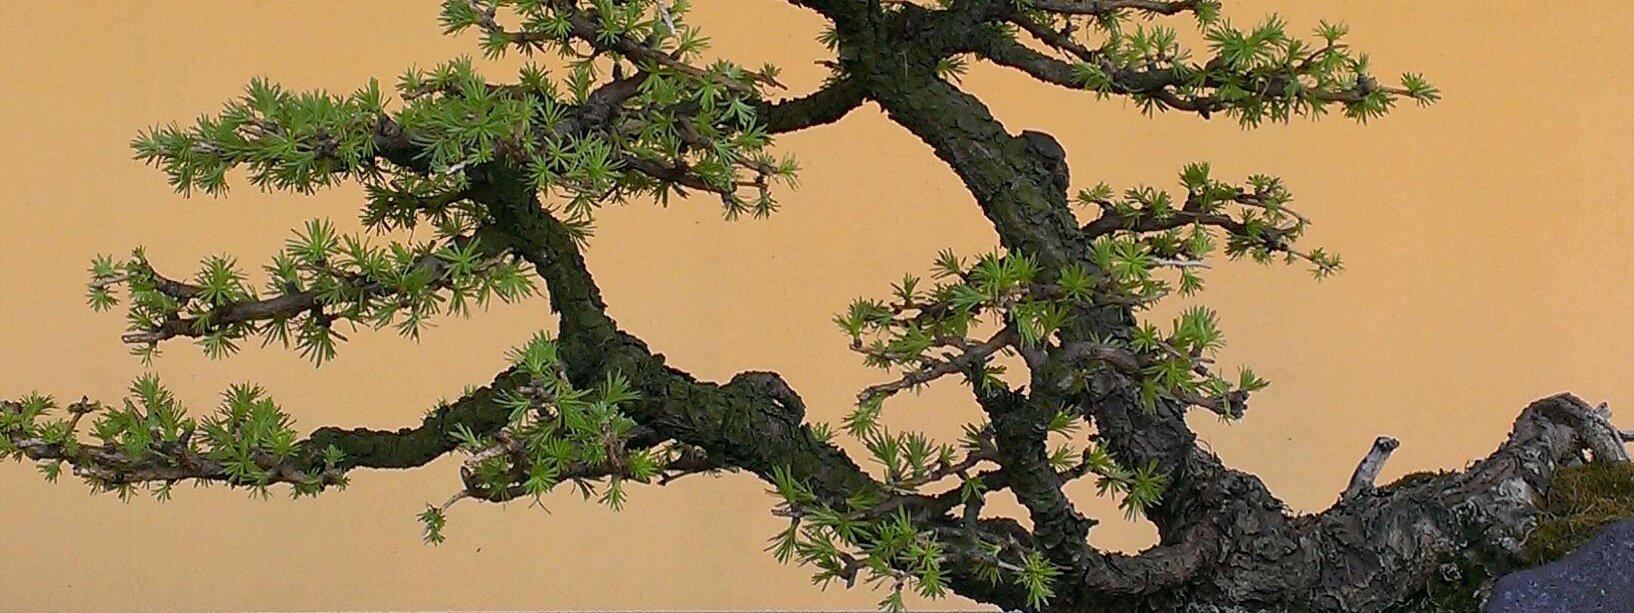 Bonsai i migliori vivai dove acquistarli cose di casa for Dove comprare bonsai